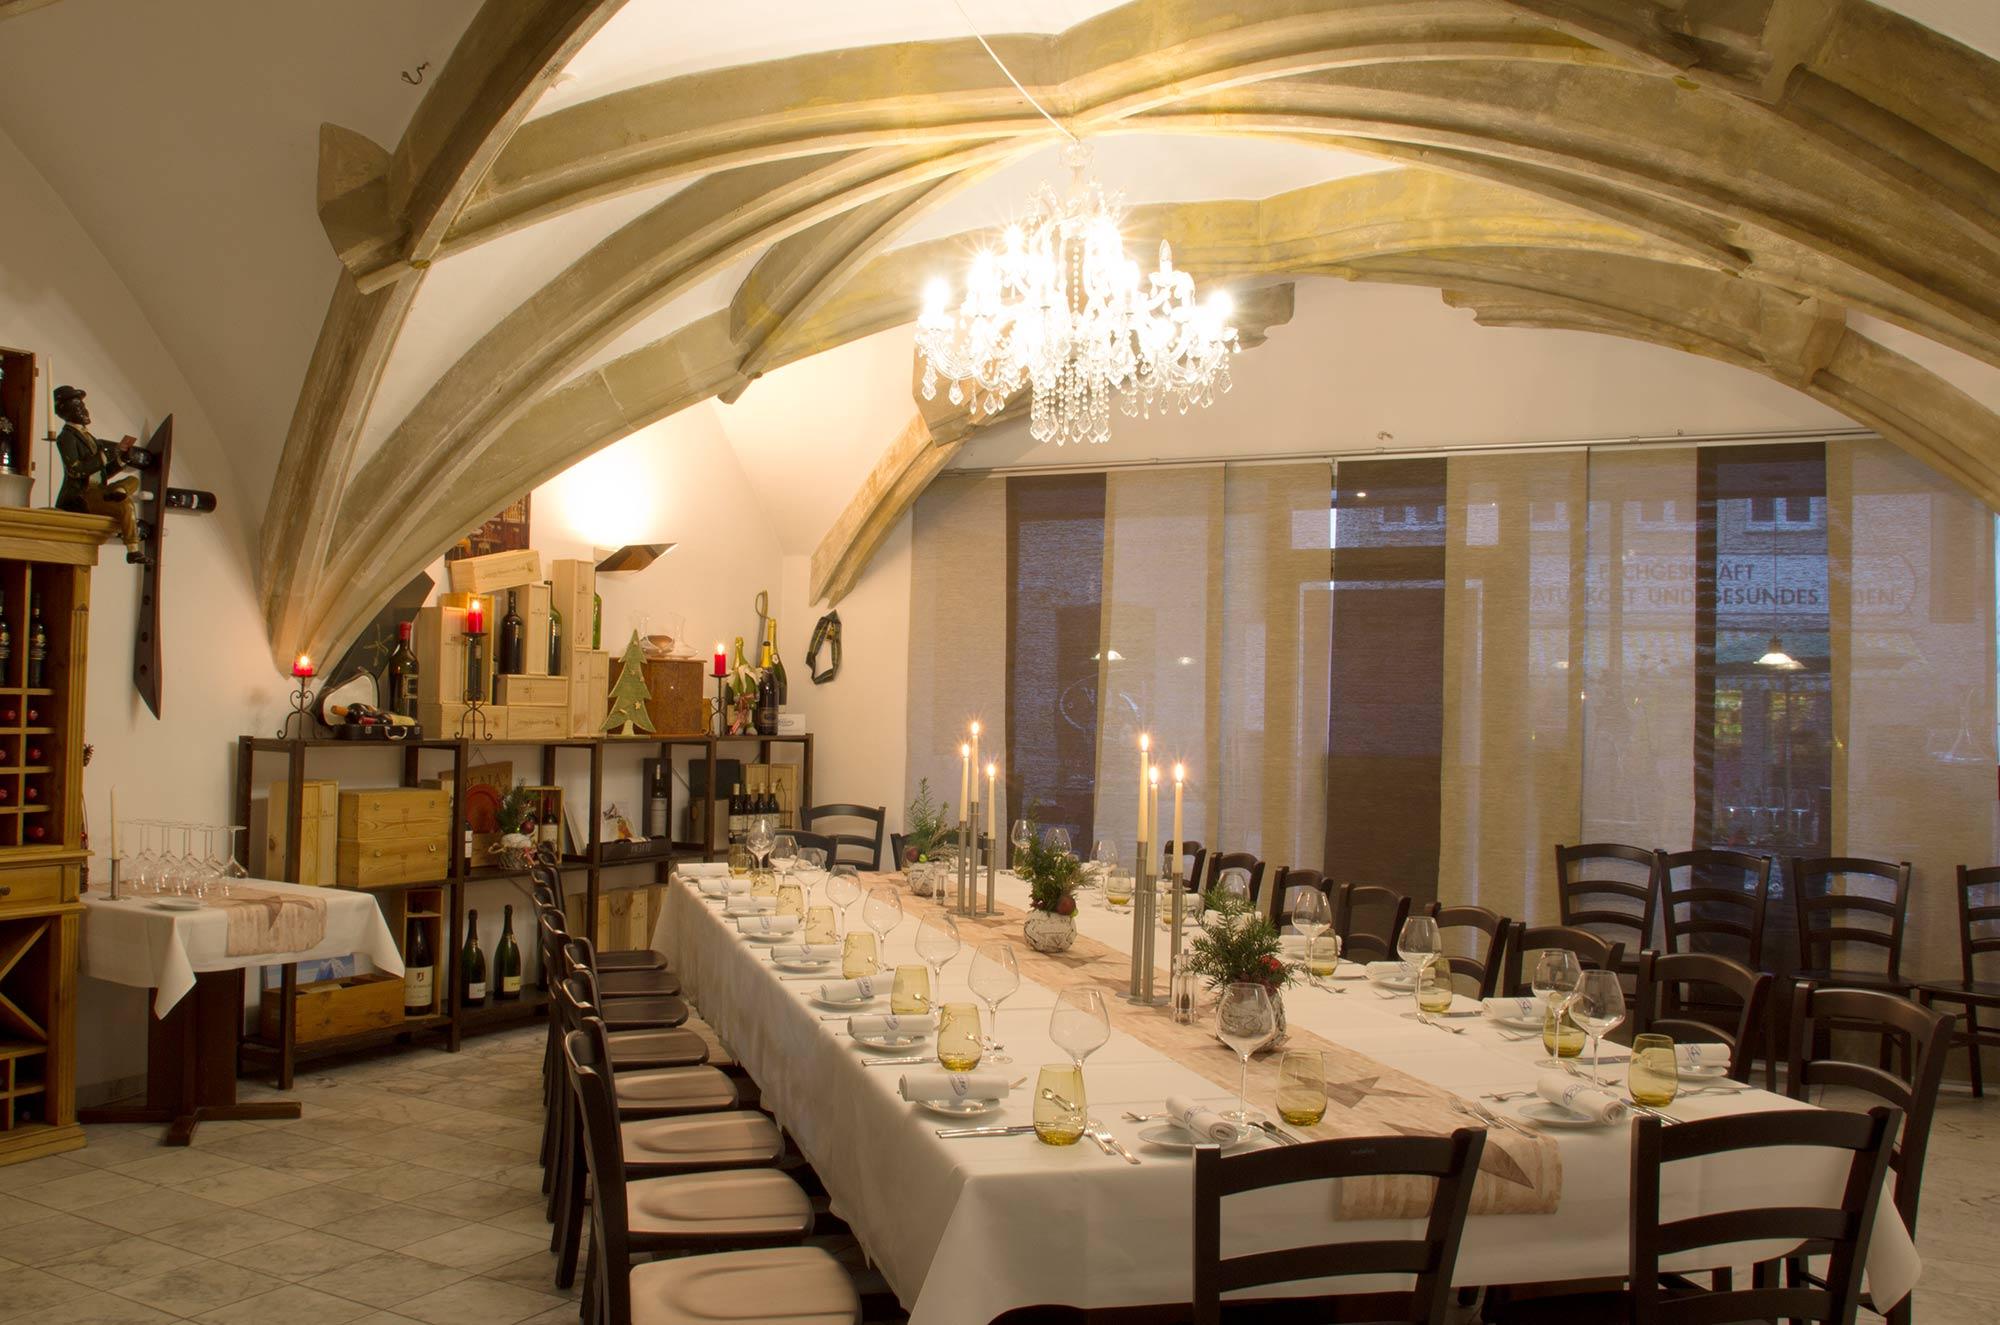 Unsere Vinothek: bietet reichlich Platz für 50 Personen, aber auch den passenden Rahmen für eine elitäre Gruppe von Weinliebhabern. Klicken Sie durch die Bilder stellen Sie sich dabei vor, unter diesem herrlichen Gewölbe gelassen zu dinieren.